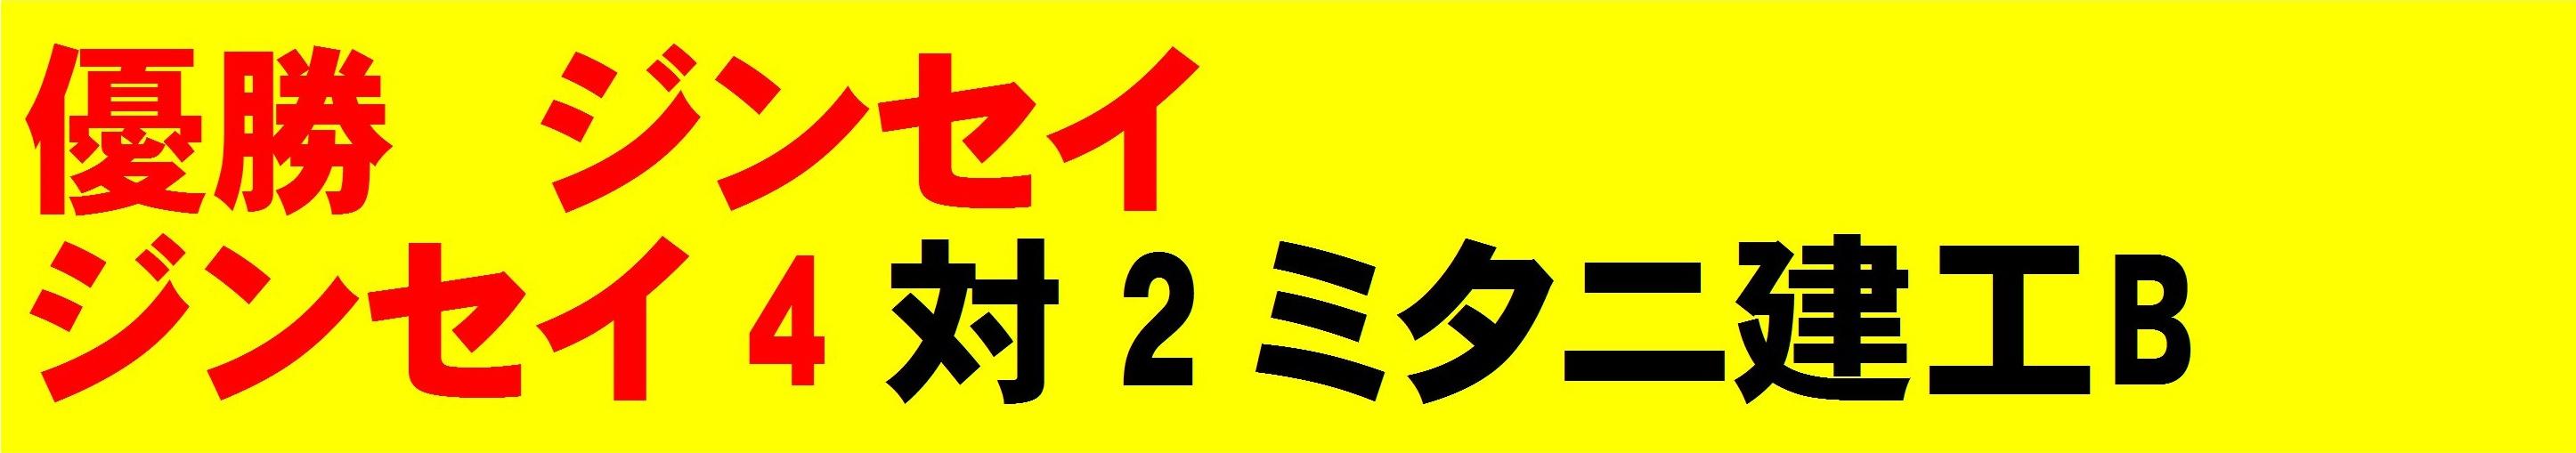 素材-216